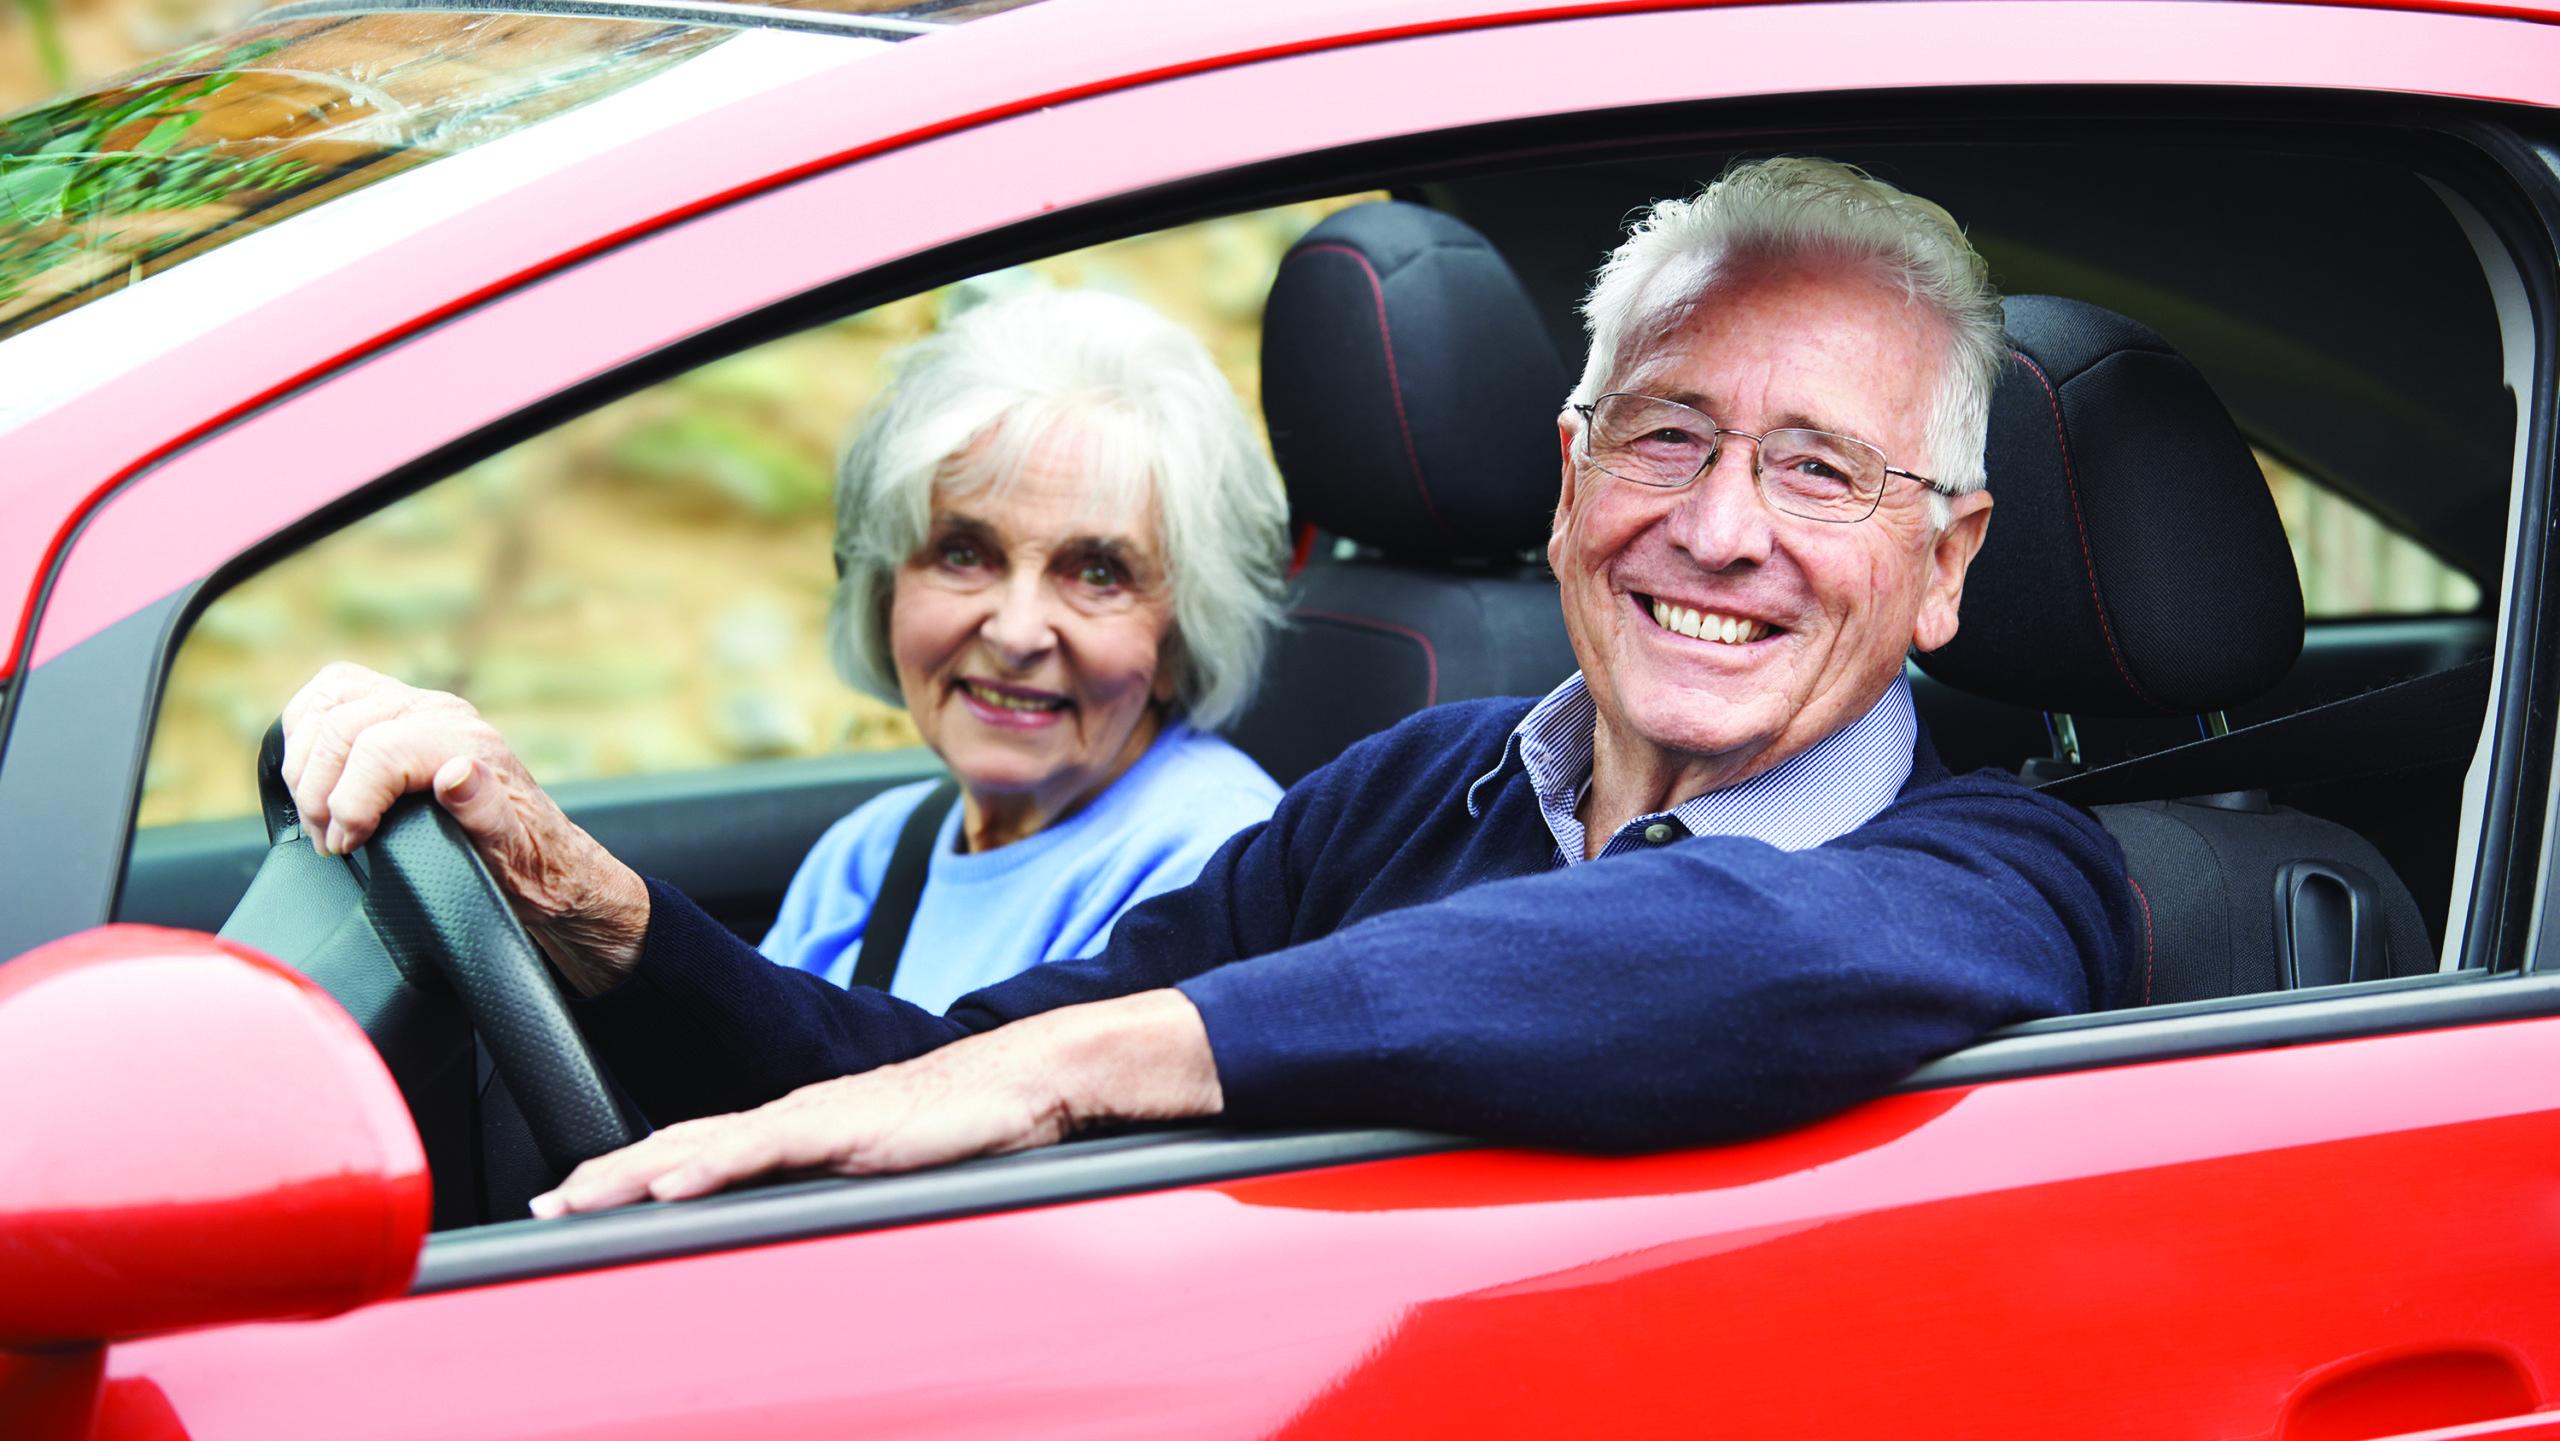 Пожилой водитель за рулем автомобиля со своей спутницей